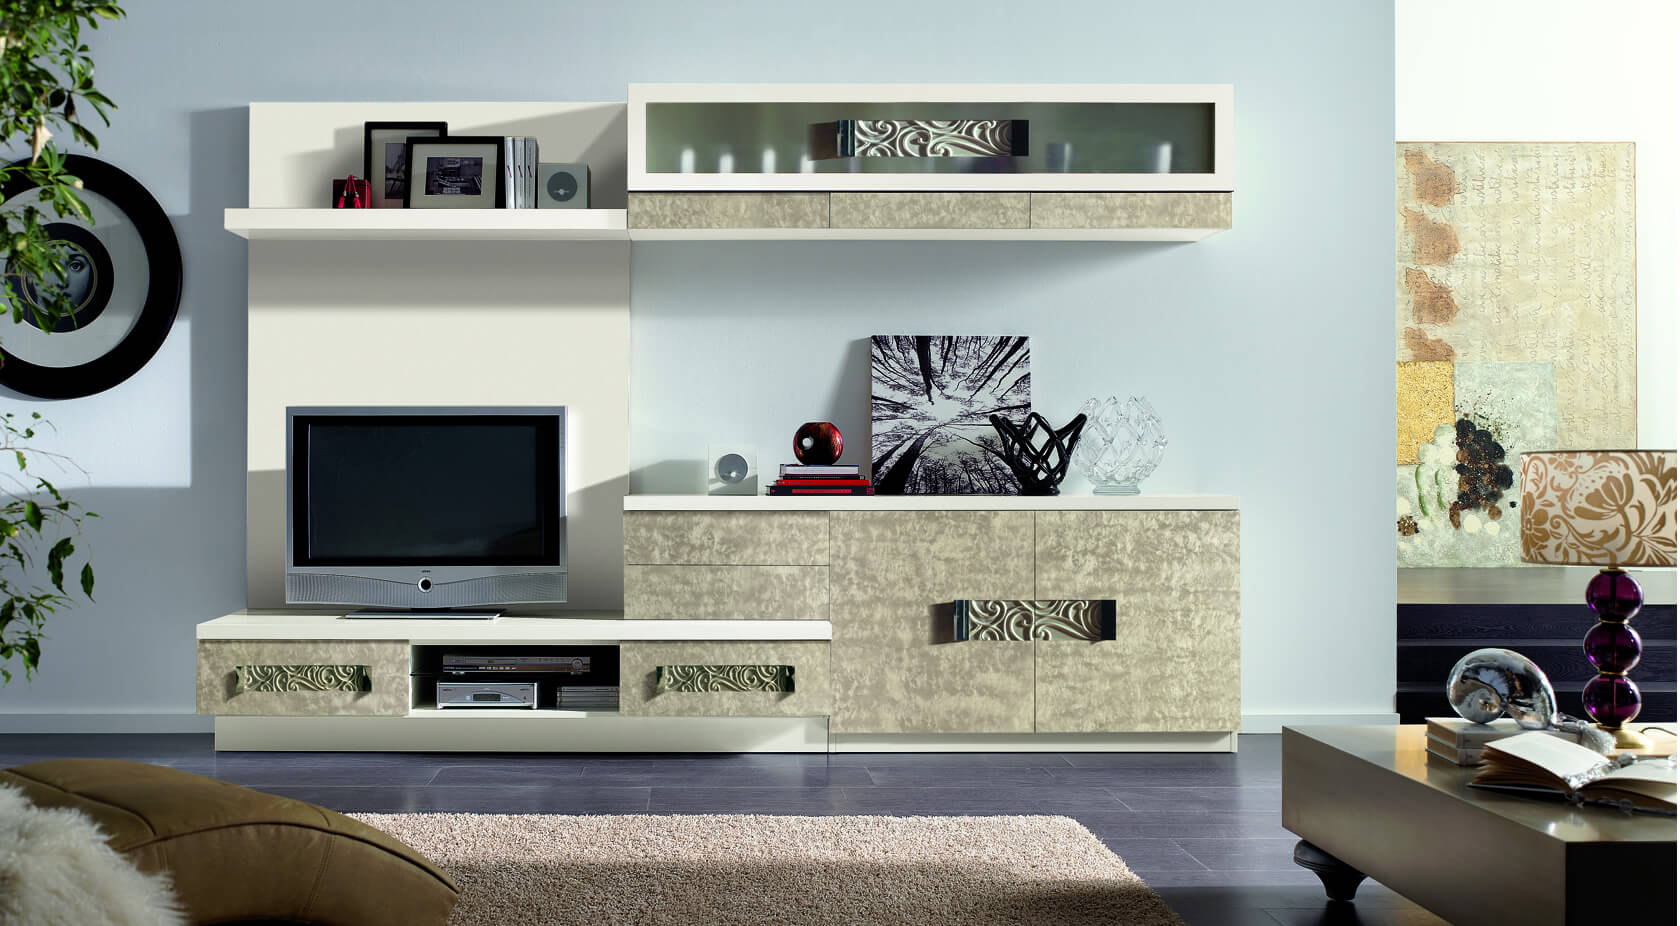 Llas | Marques de mobles de Mobles Güell